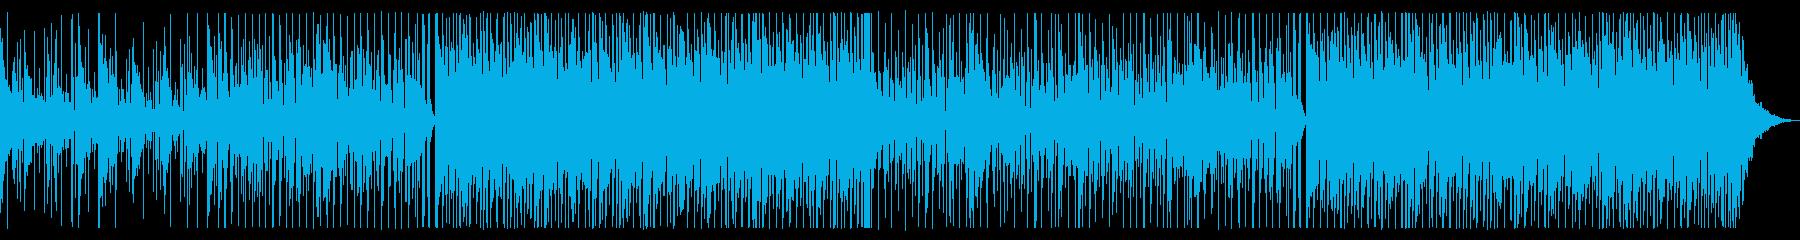 メロウなディスコ。の再生済みの波形